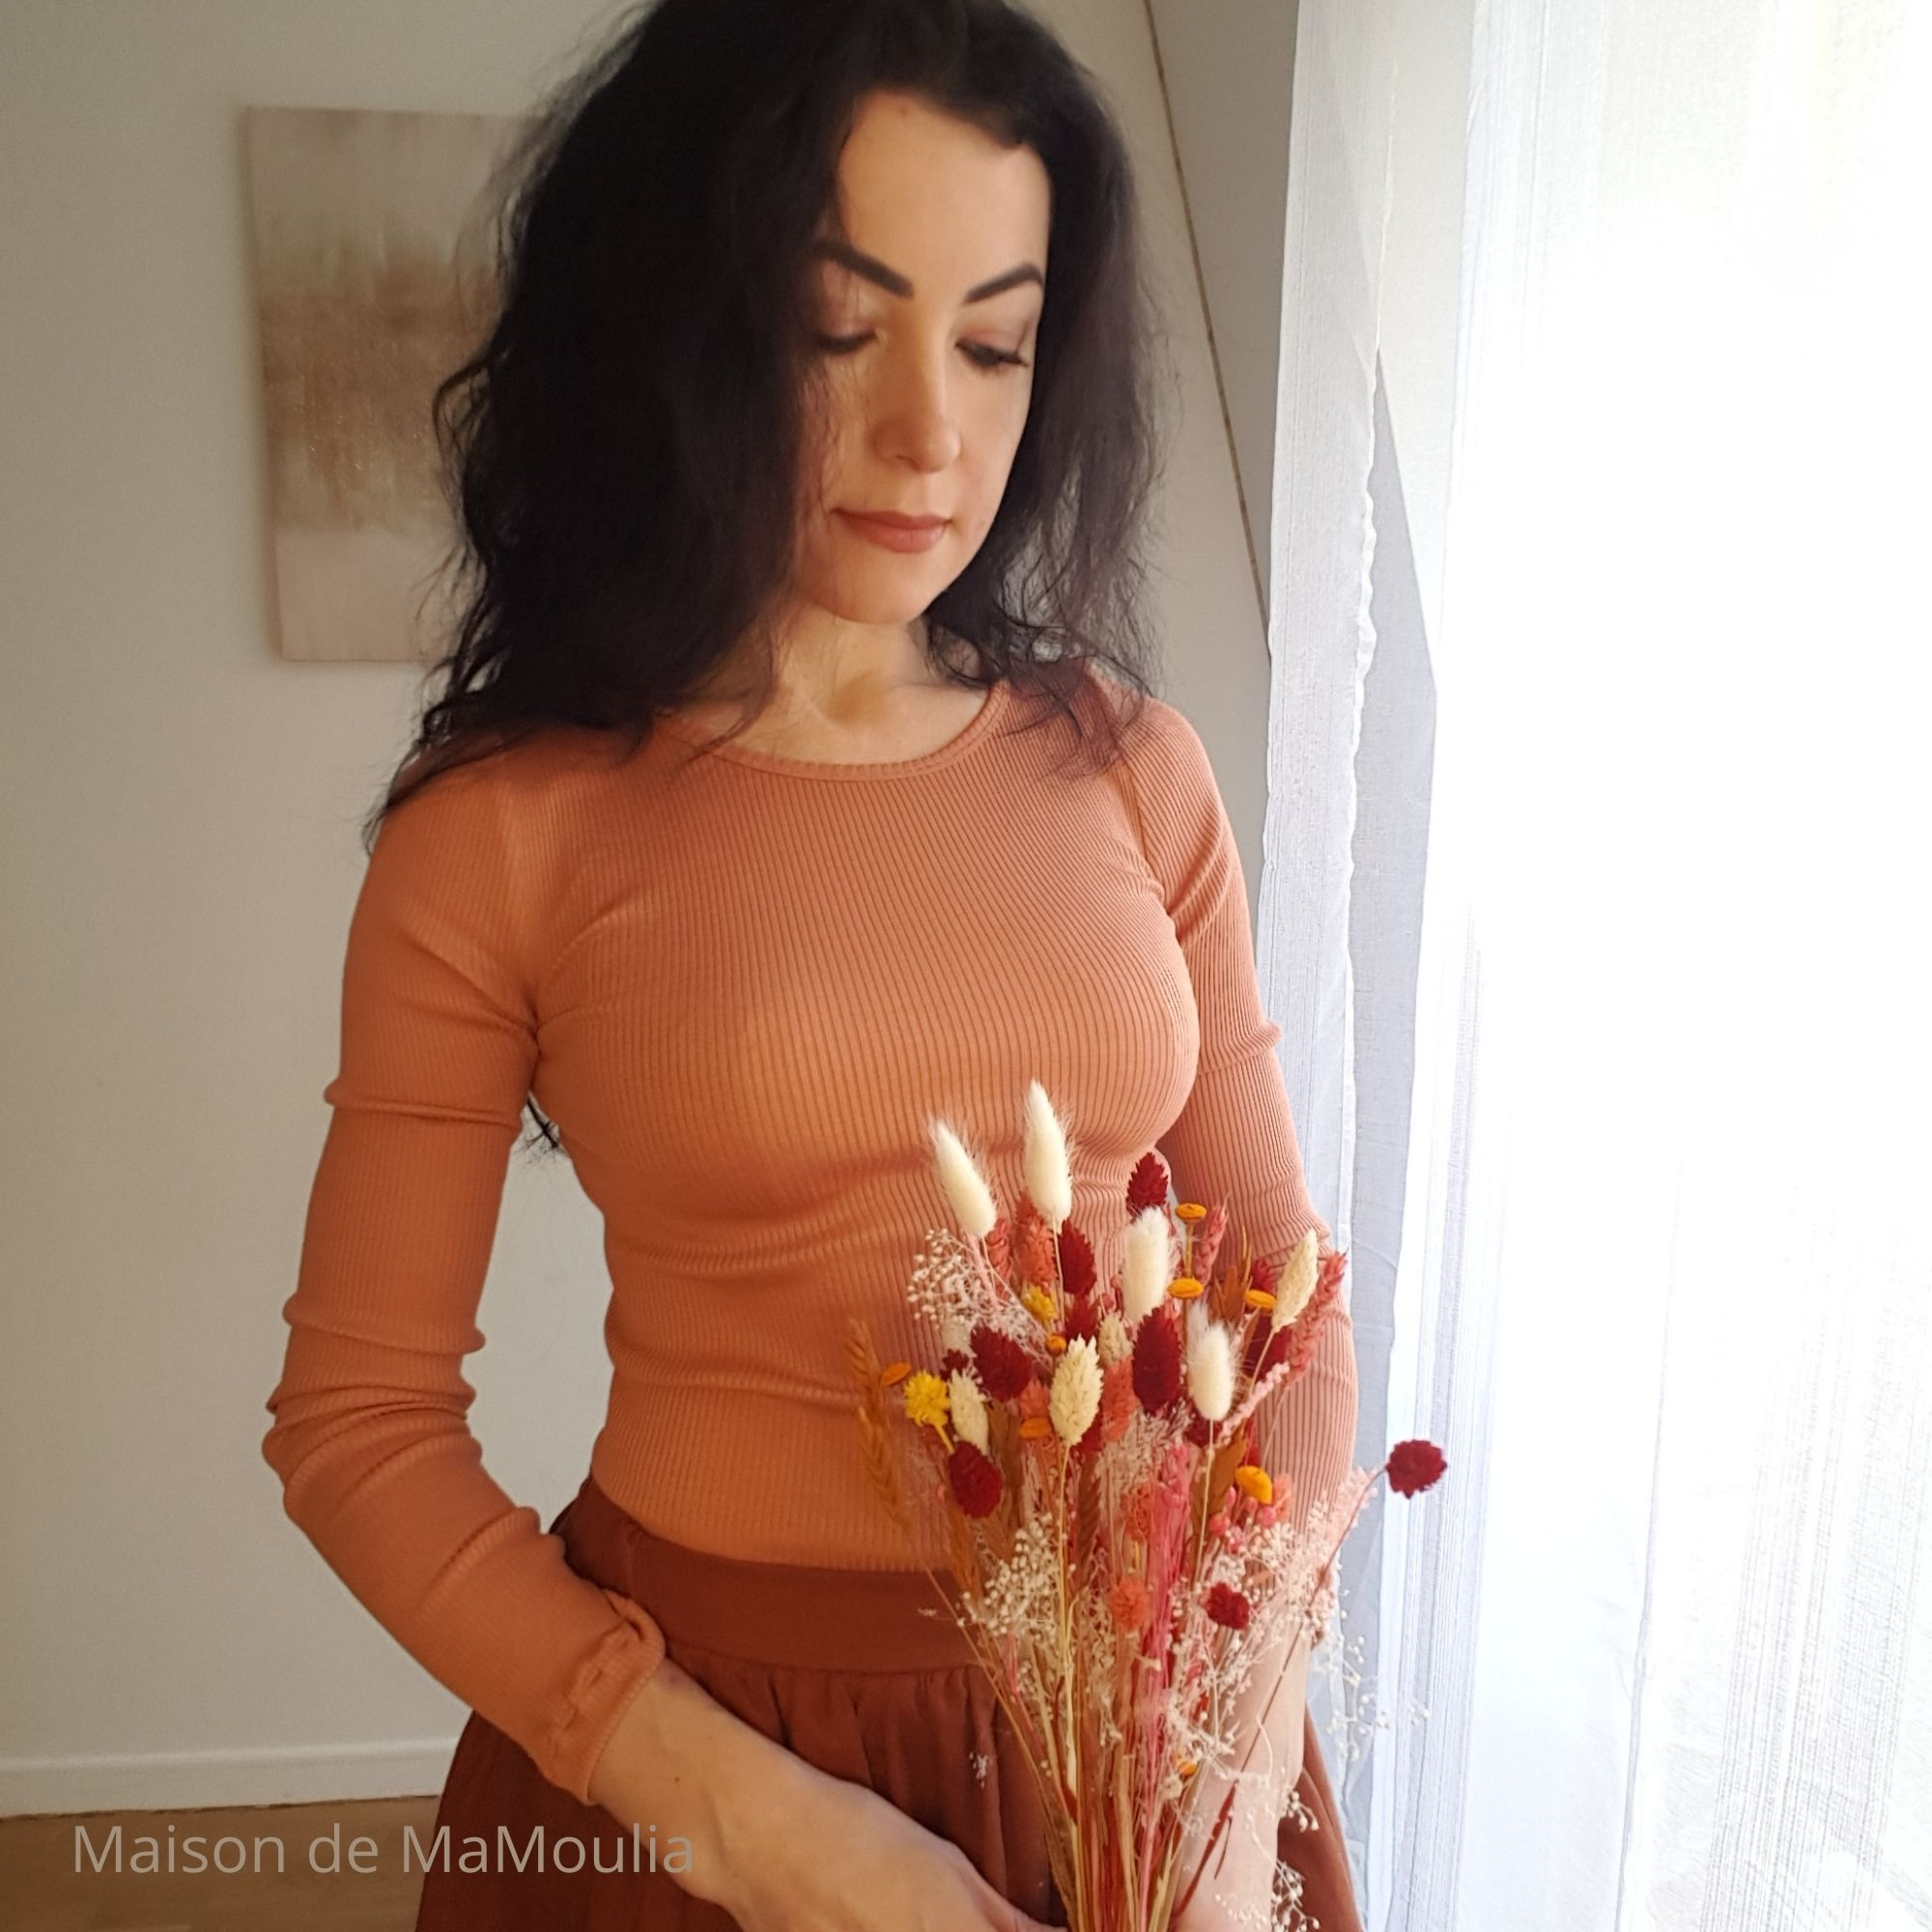 MINIMALISMA - Top pour femme - manches longues - Soie 70% / coton 30% - Gerda - Tan